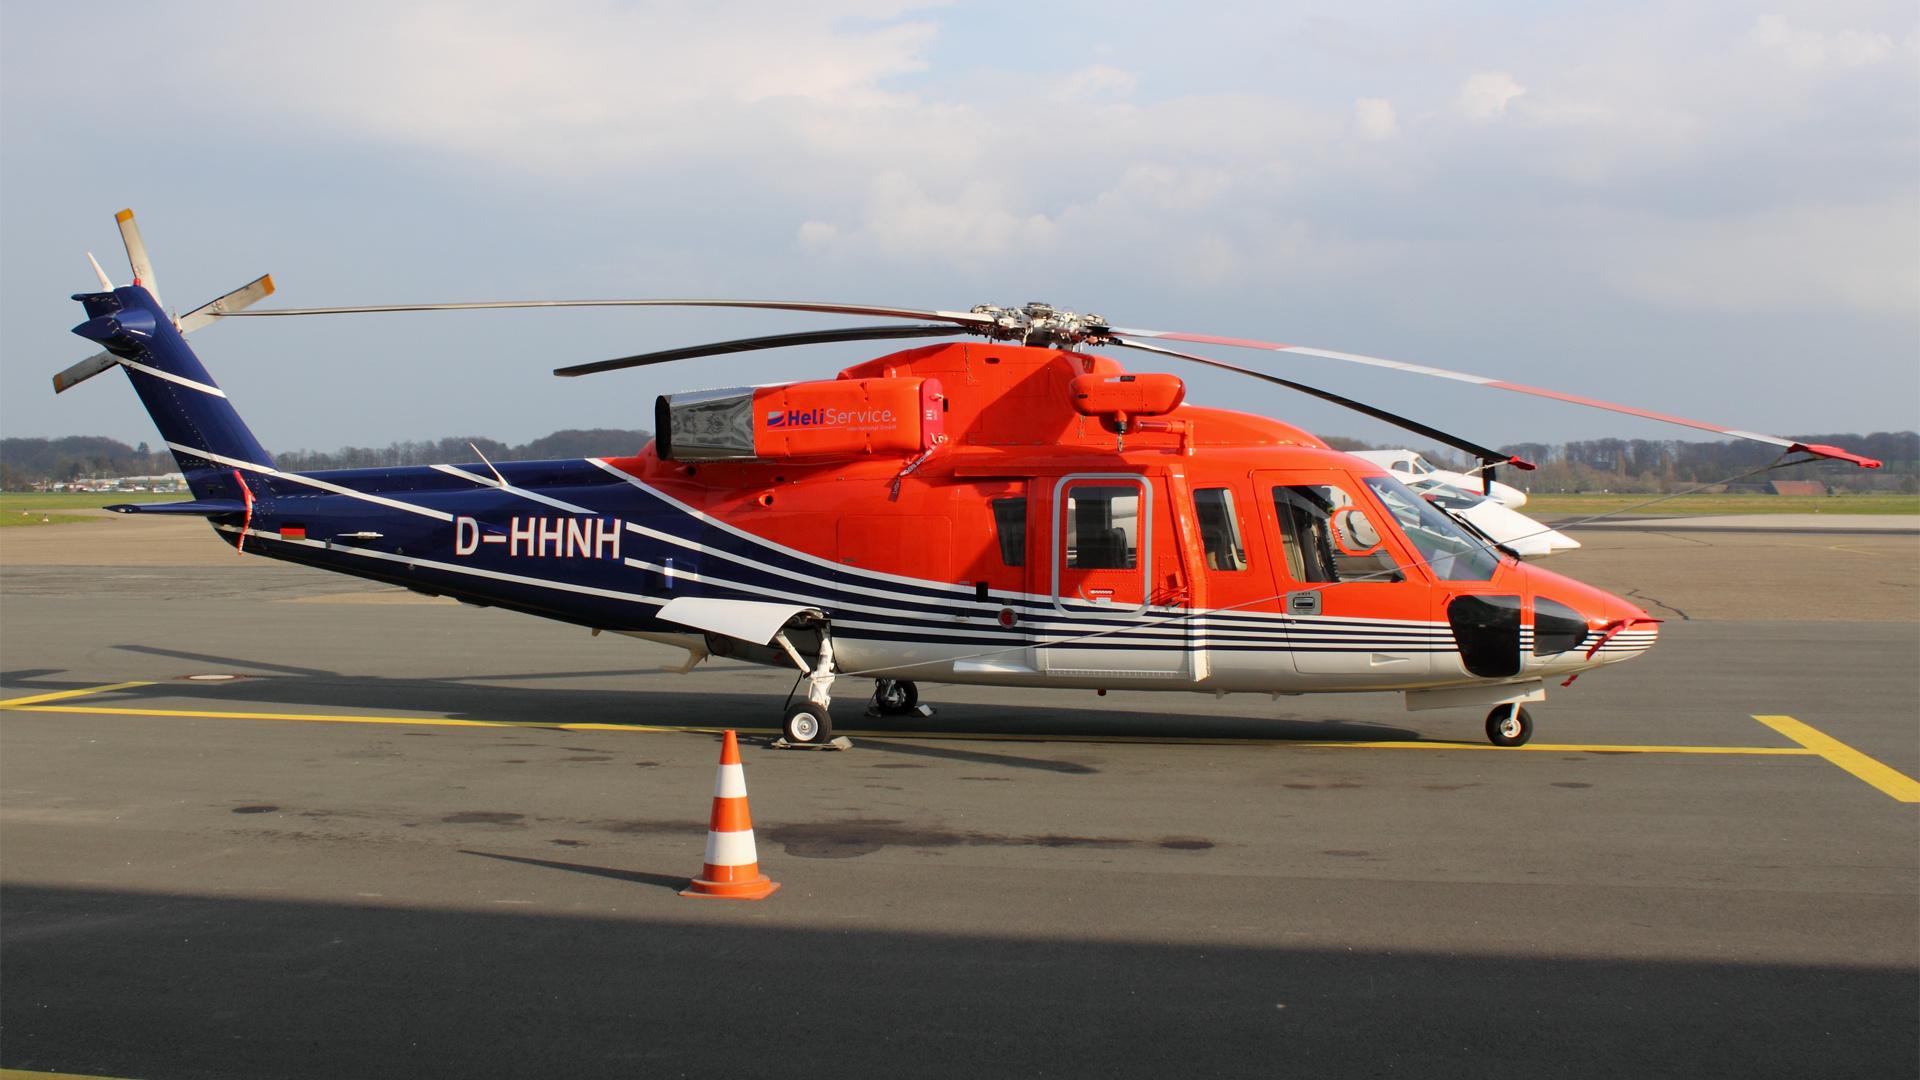 D-HHNH-2 S76 ESS 201103